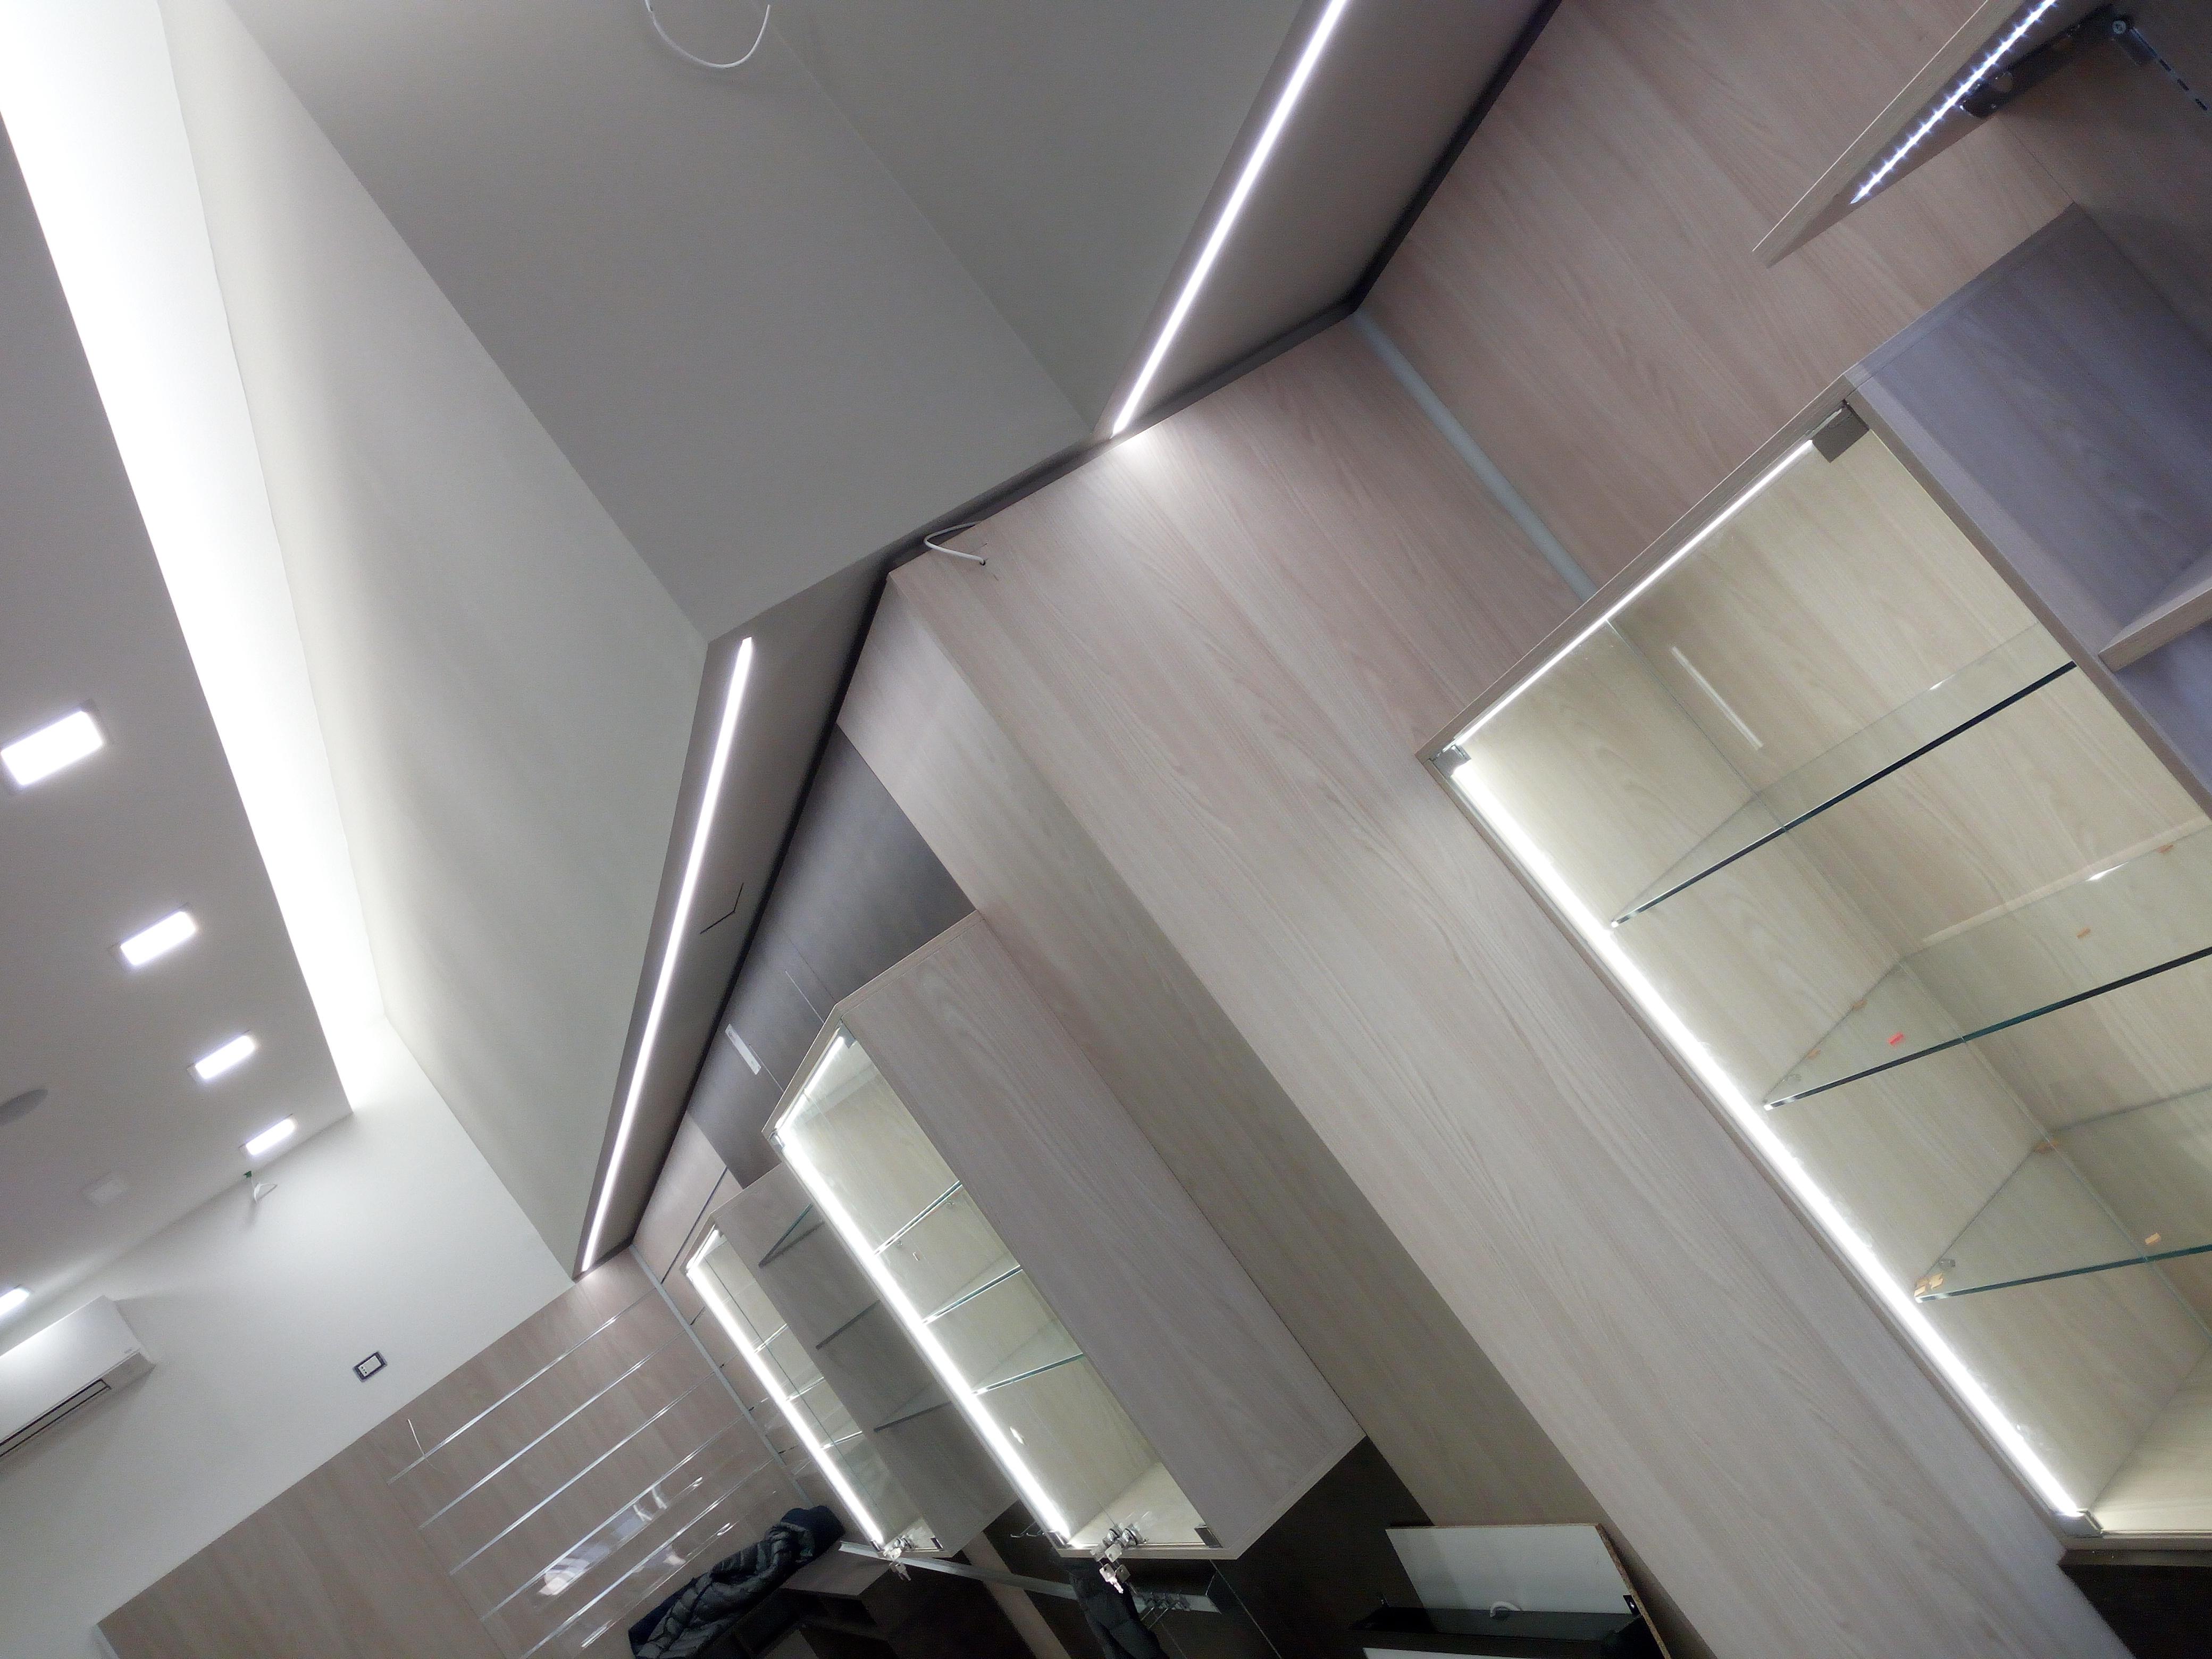 Progetto tabaccheria su misura, arredamenti moderni con illuminazione LED